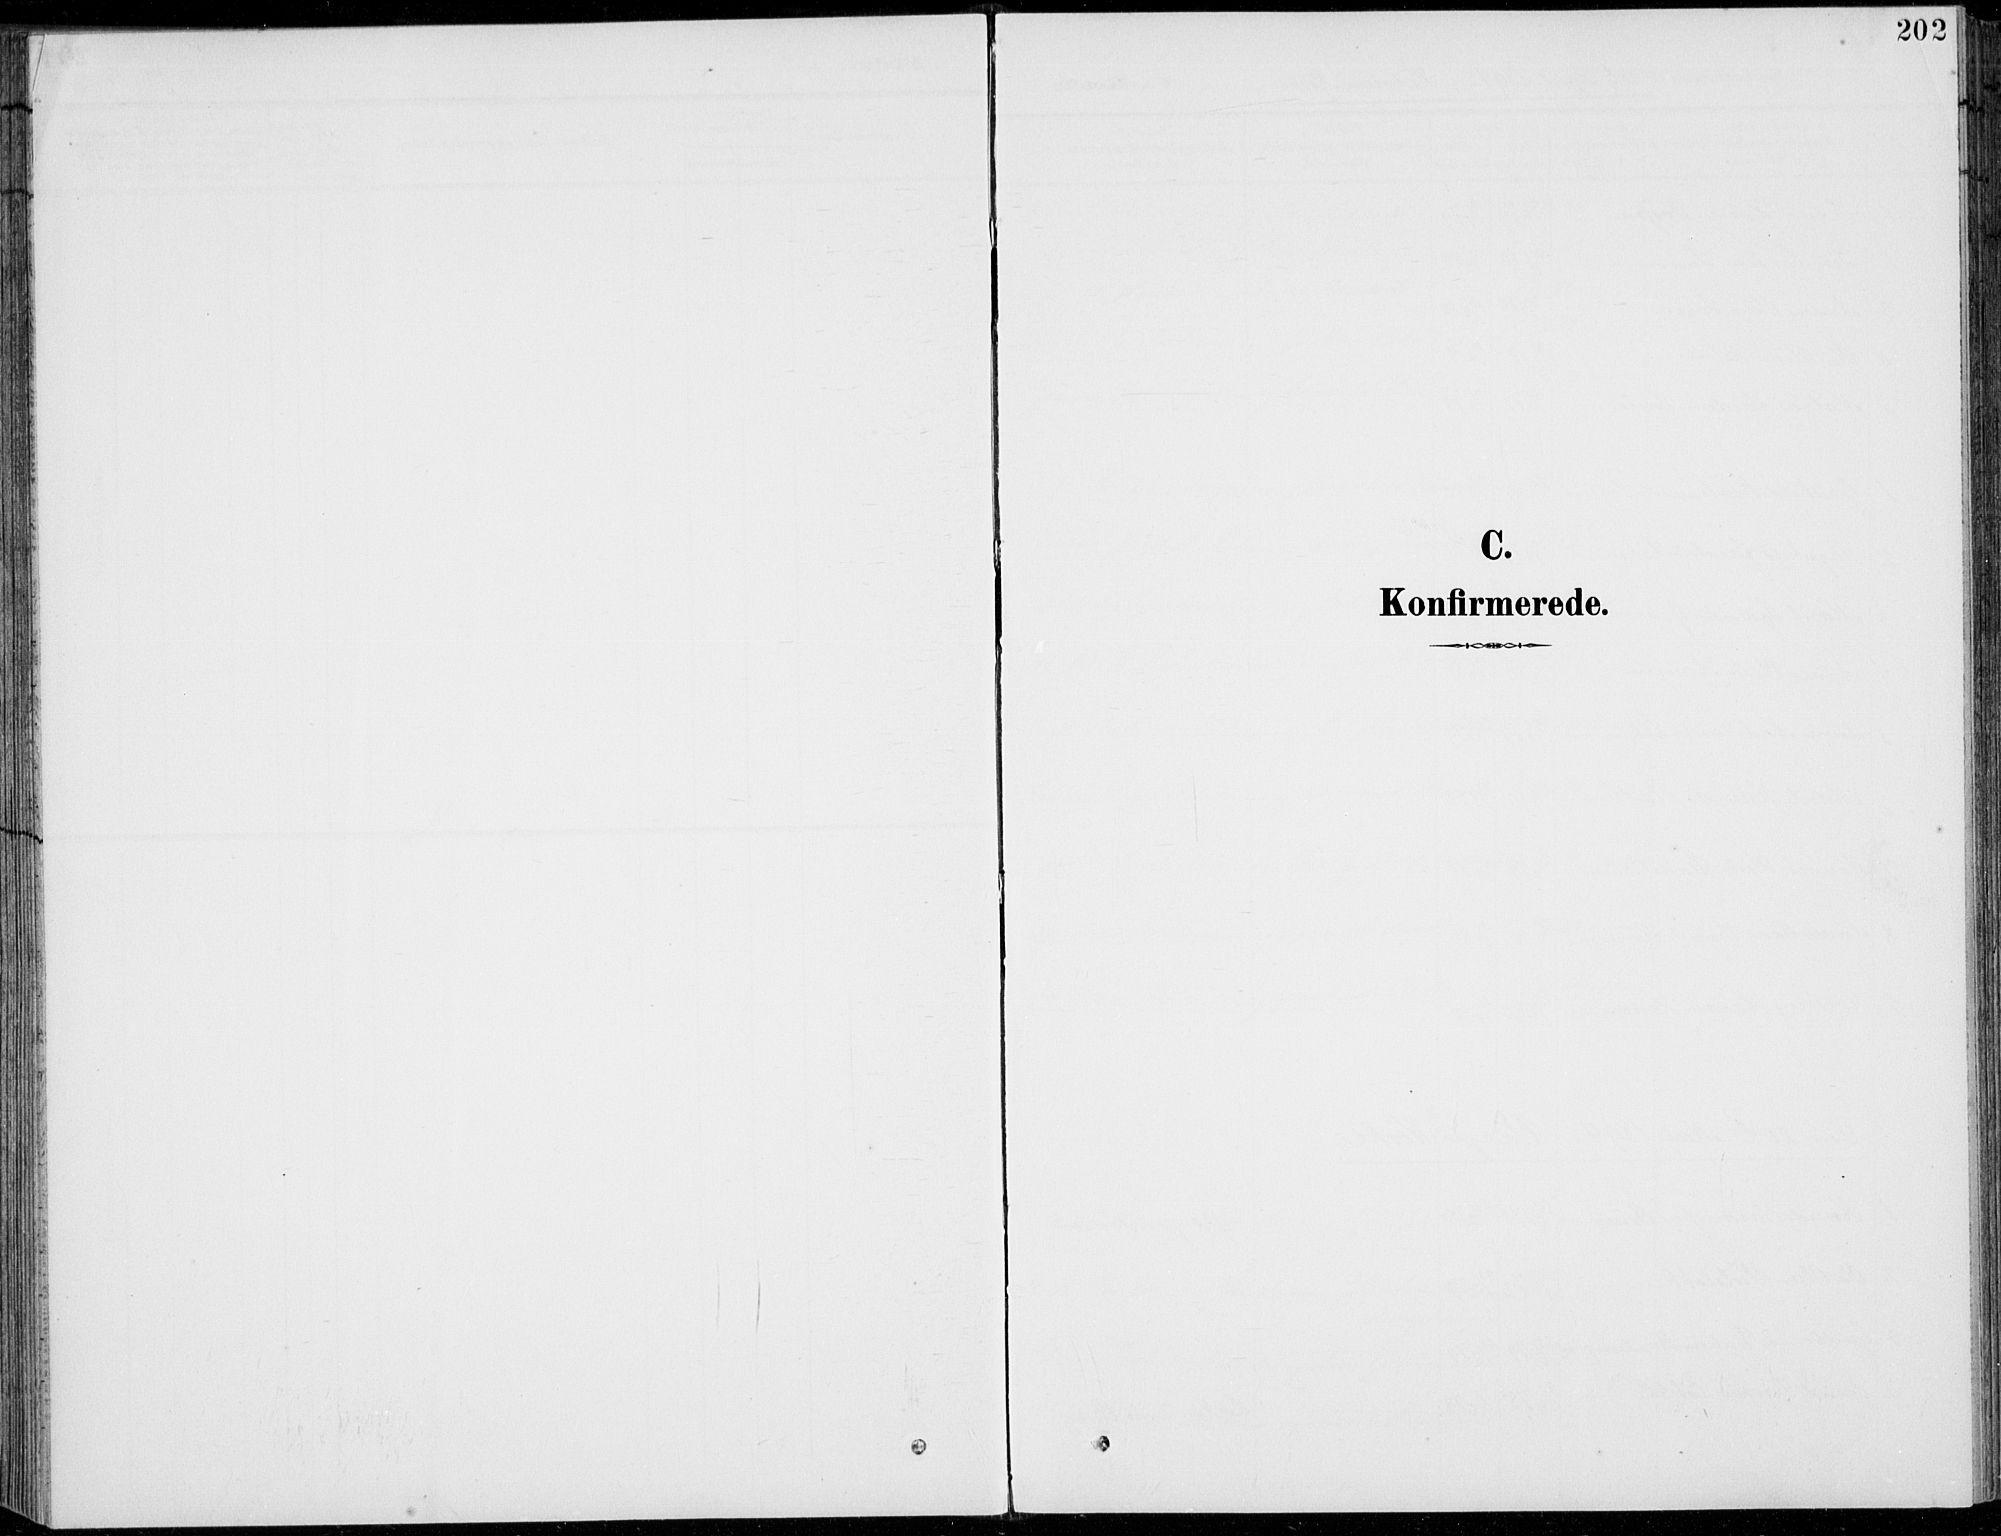 SAH, Vågå prestekontor, Klokkerbok nr. 2, 1894-1939, s. 202